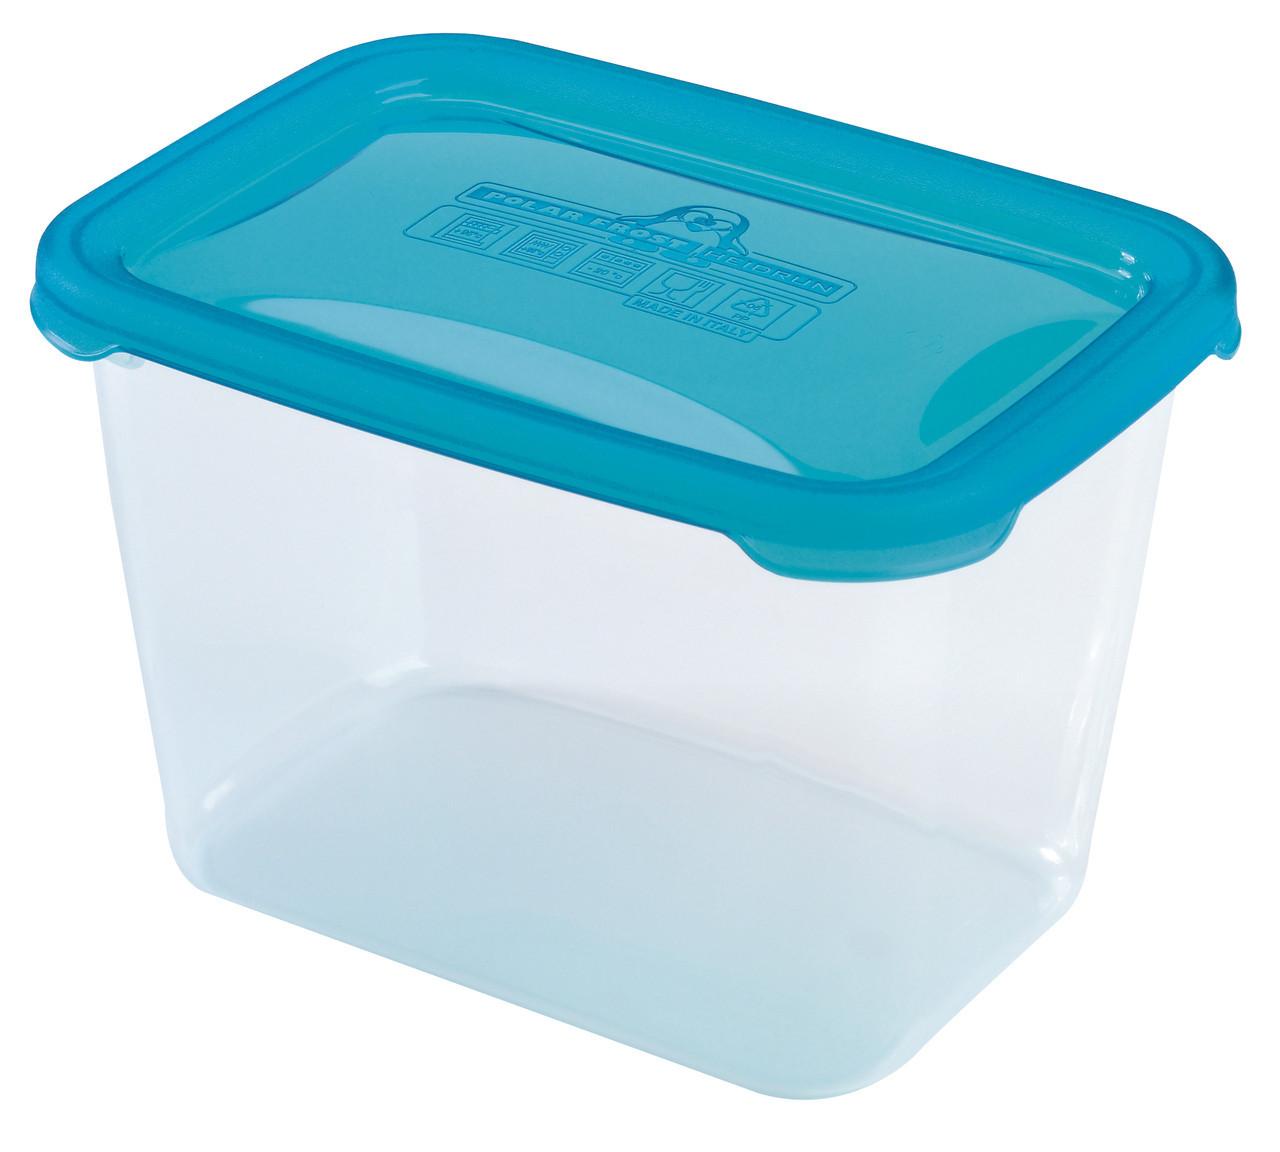 Контейнер для зберігання в морозилці 2,4 л Heidrun PolarFrost 19,5*14.5*12,7 см (HDR-1752)